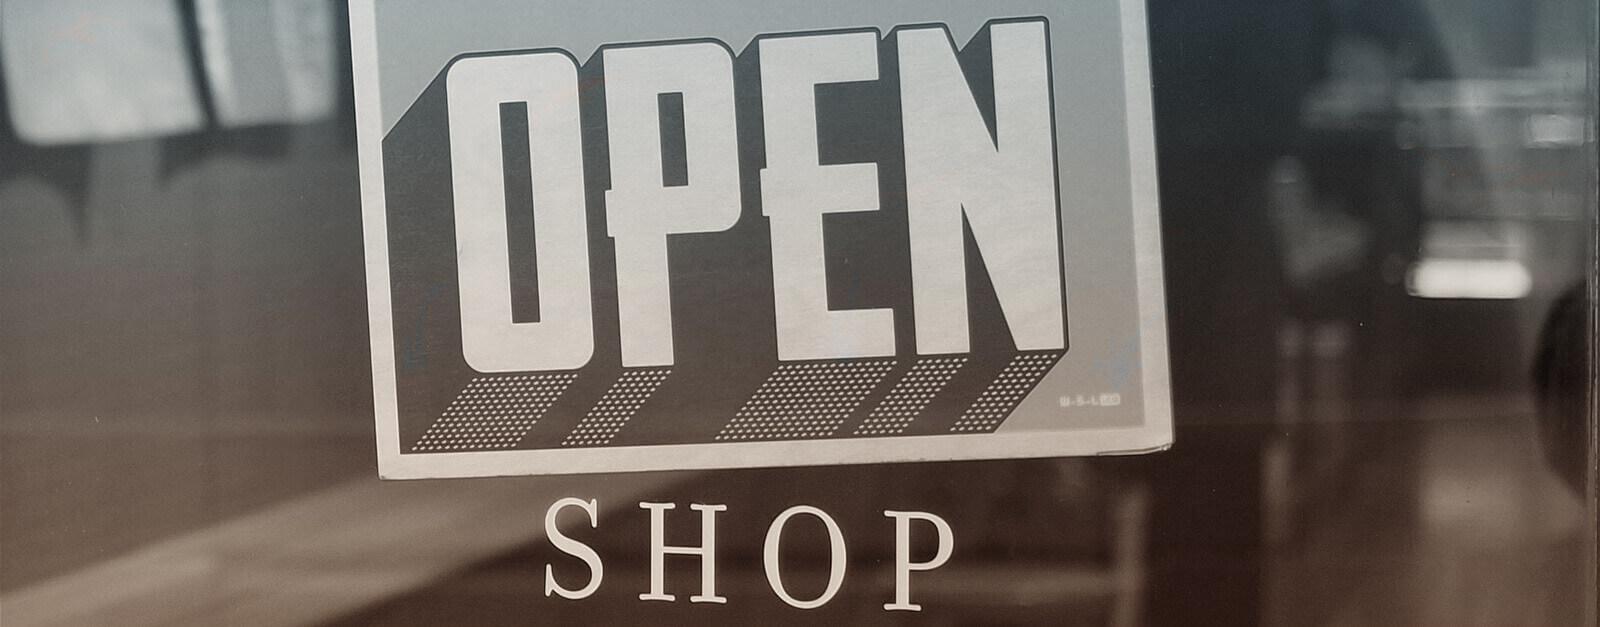 Geschäfte, Stores und Ladenlokale Kommabei 1Null7 Gelsenkirchen, Kong Island Bochum, KIEZ Oberhausen, Mayersche Buchhandlung Essen